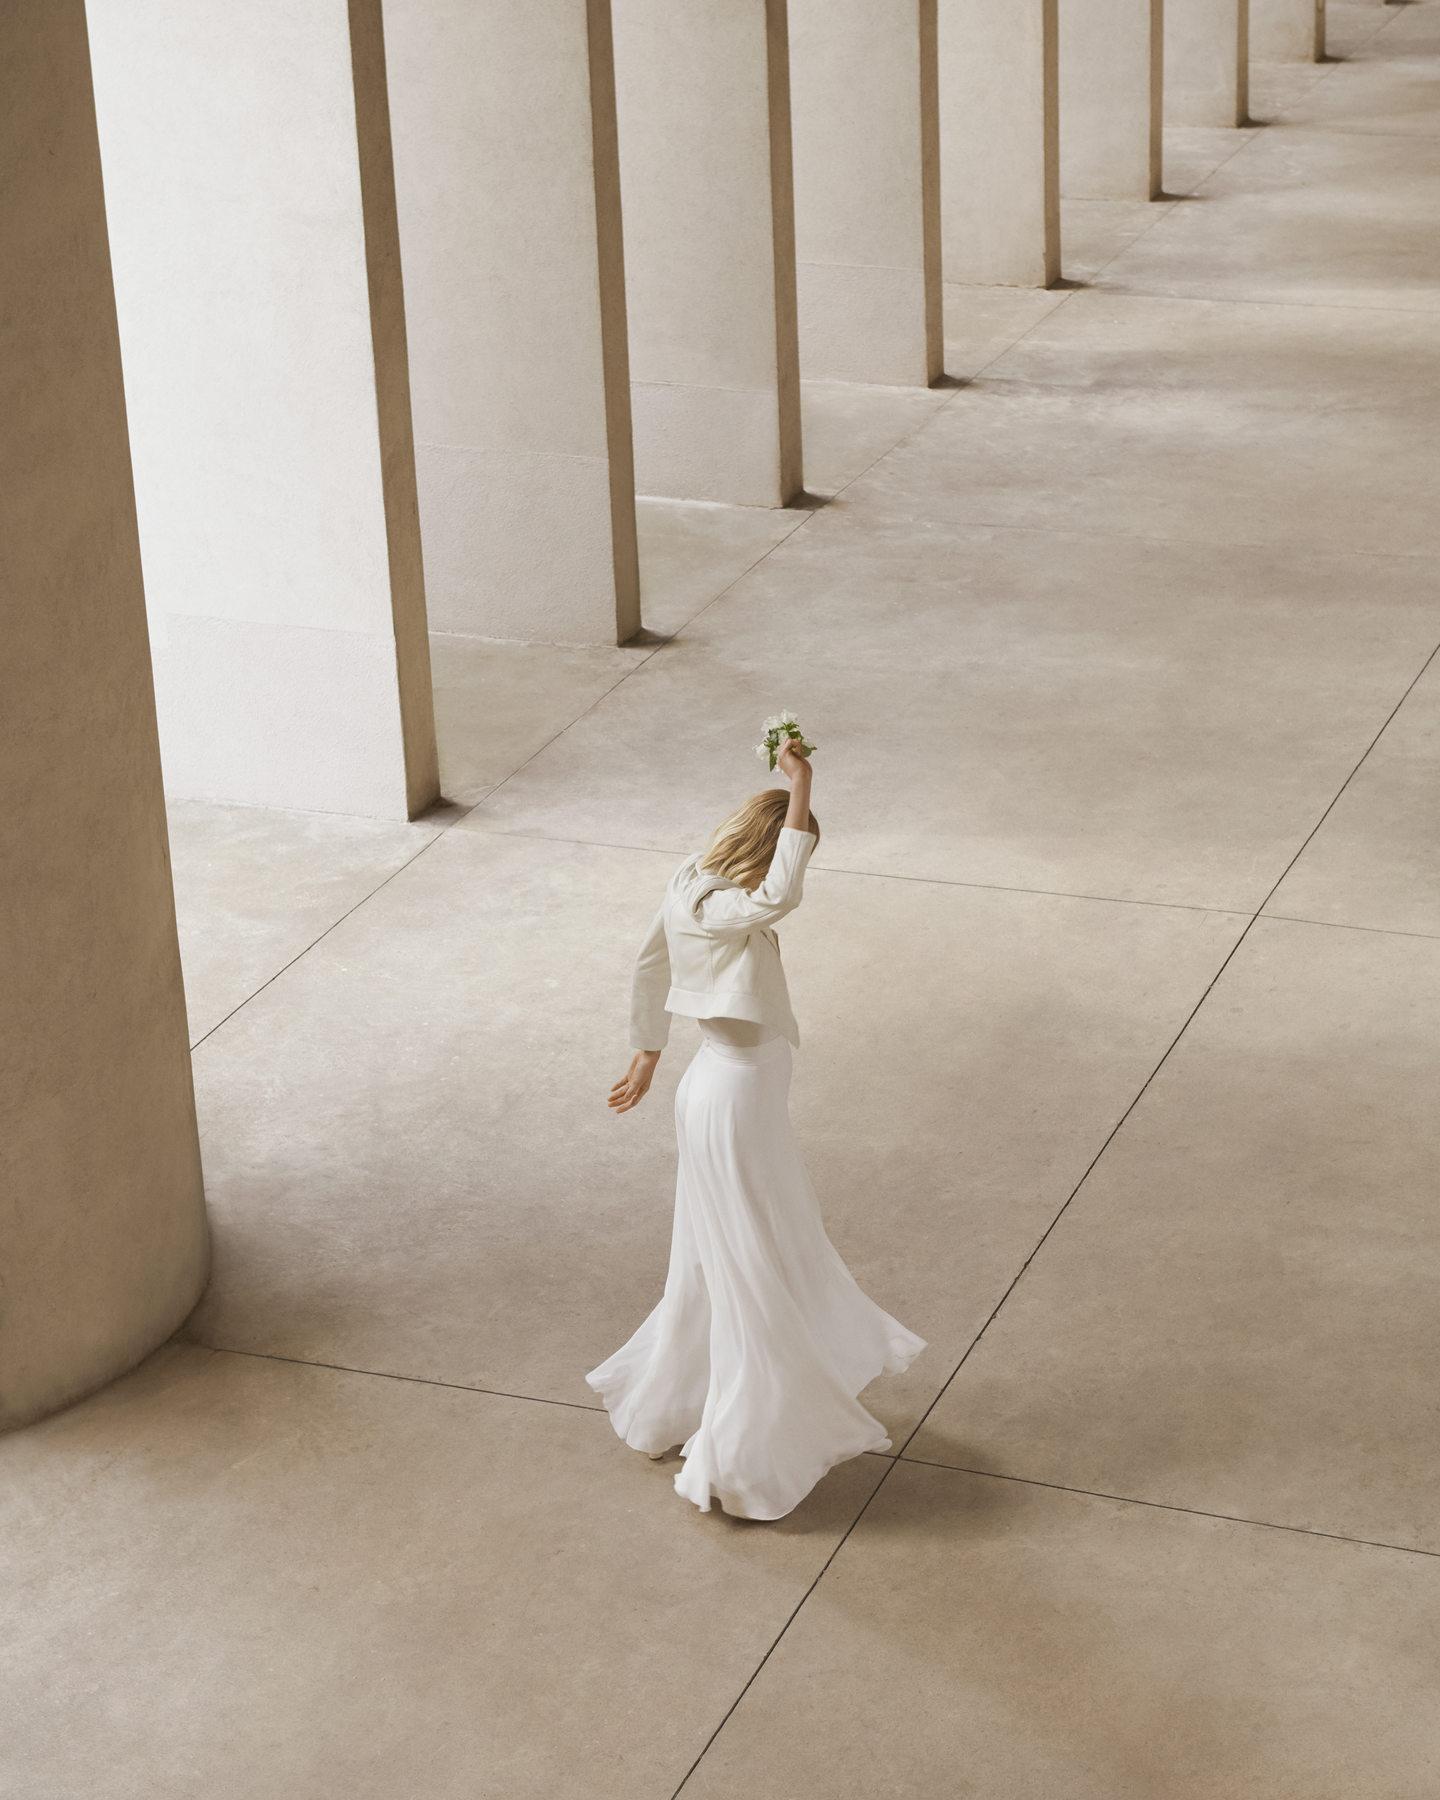 Πώς θα επιλέξετε το πιο κομψό bridal outfit για τον πολιτικό γάμο ... afbfdbf71f2